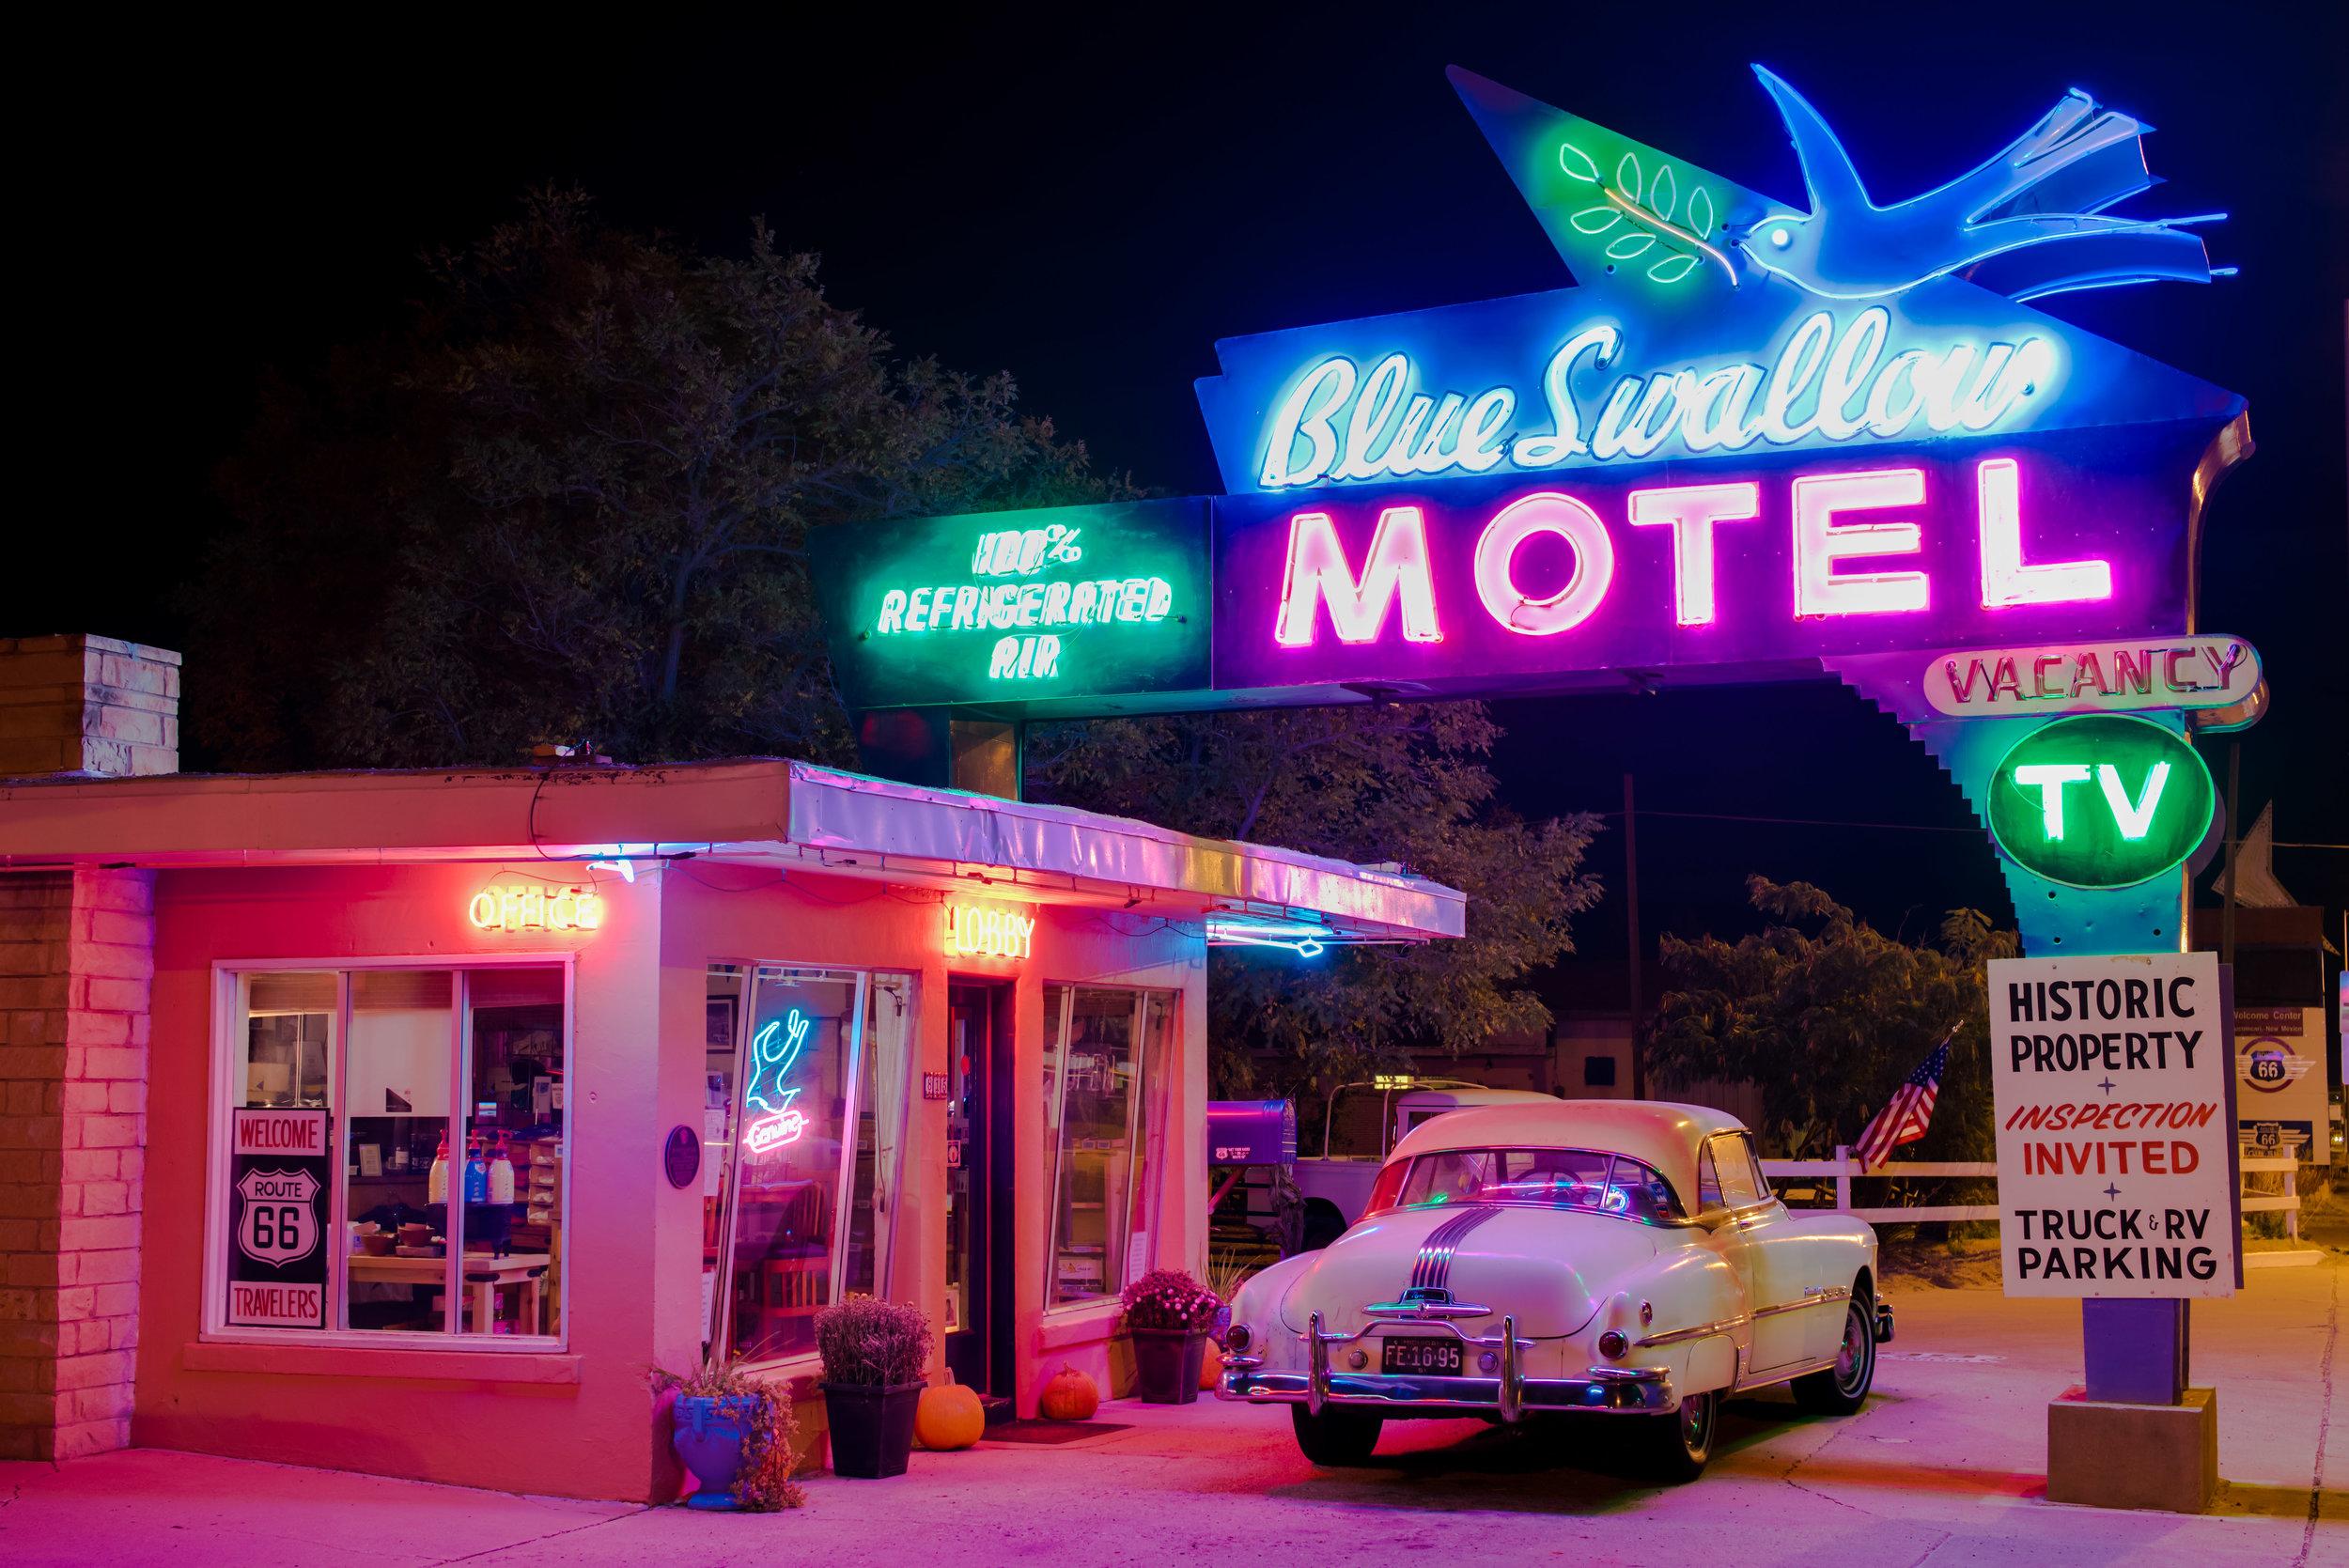 The Blue Swallow Motel in Tucumcari New Mexico.